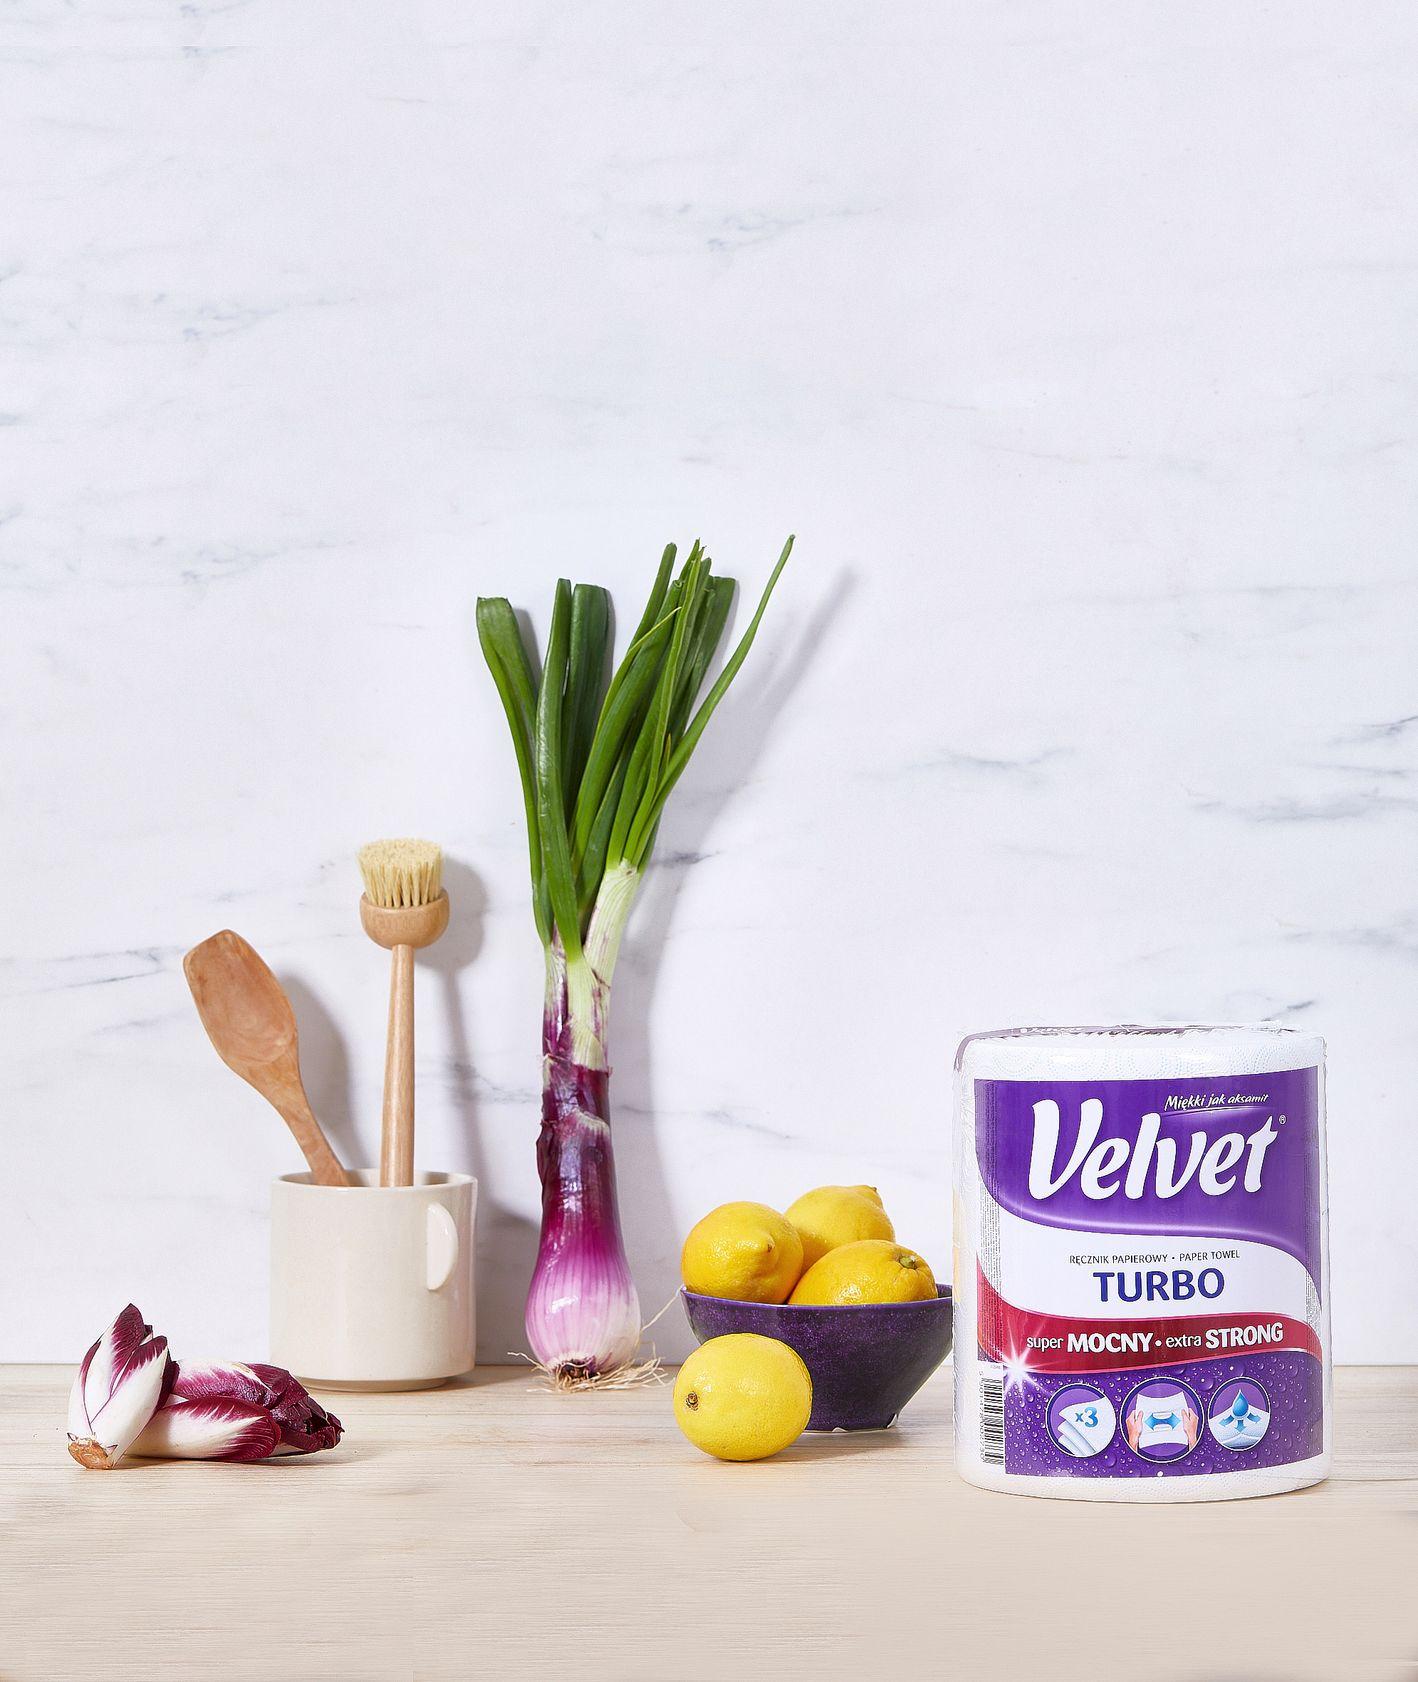 Batk kuchenny z cytrynami, cebulą, cykorią i opakowaniem papieru kuchennego Velvet